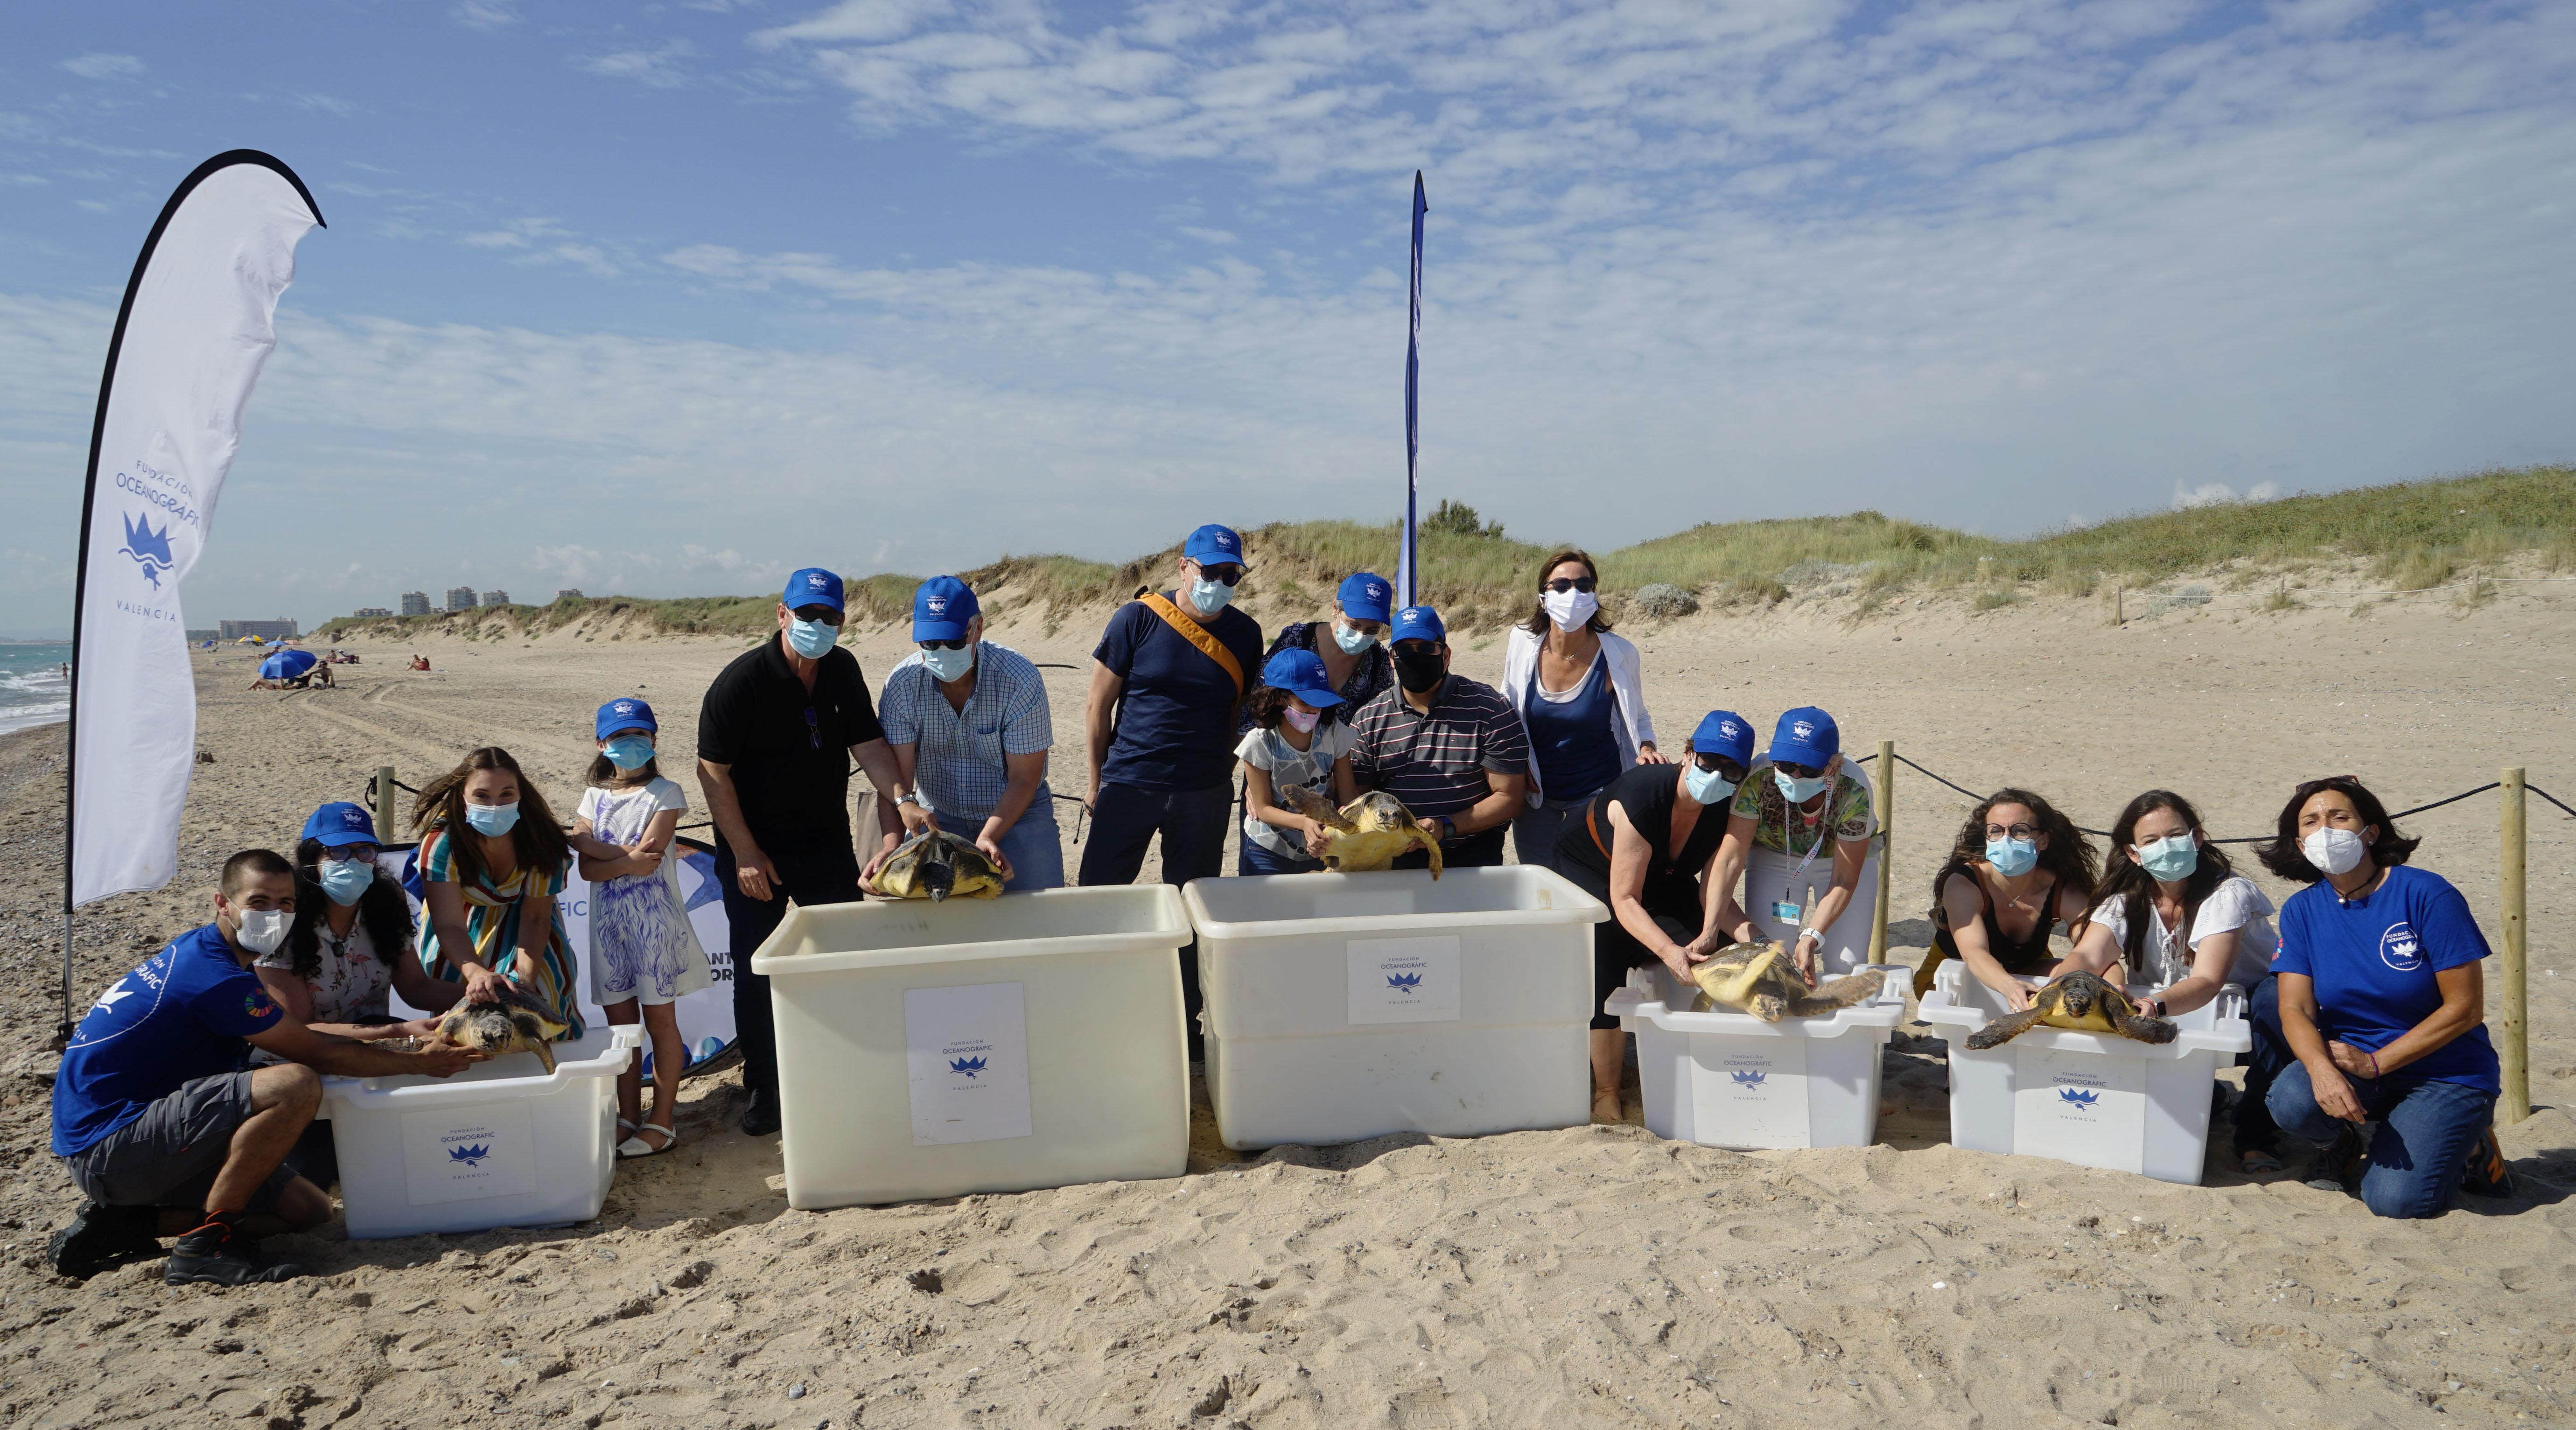 Los representantes de los seis hospitales muestran a las tortugas. Imagen: Fundación Oceanogràfic